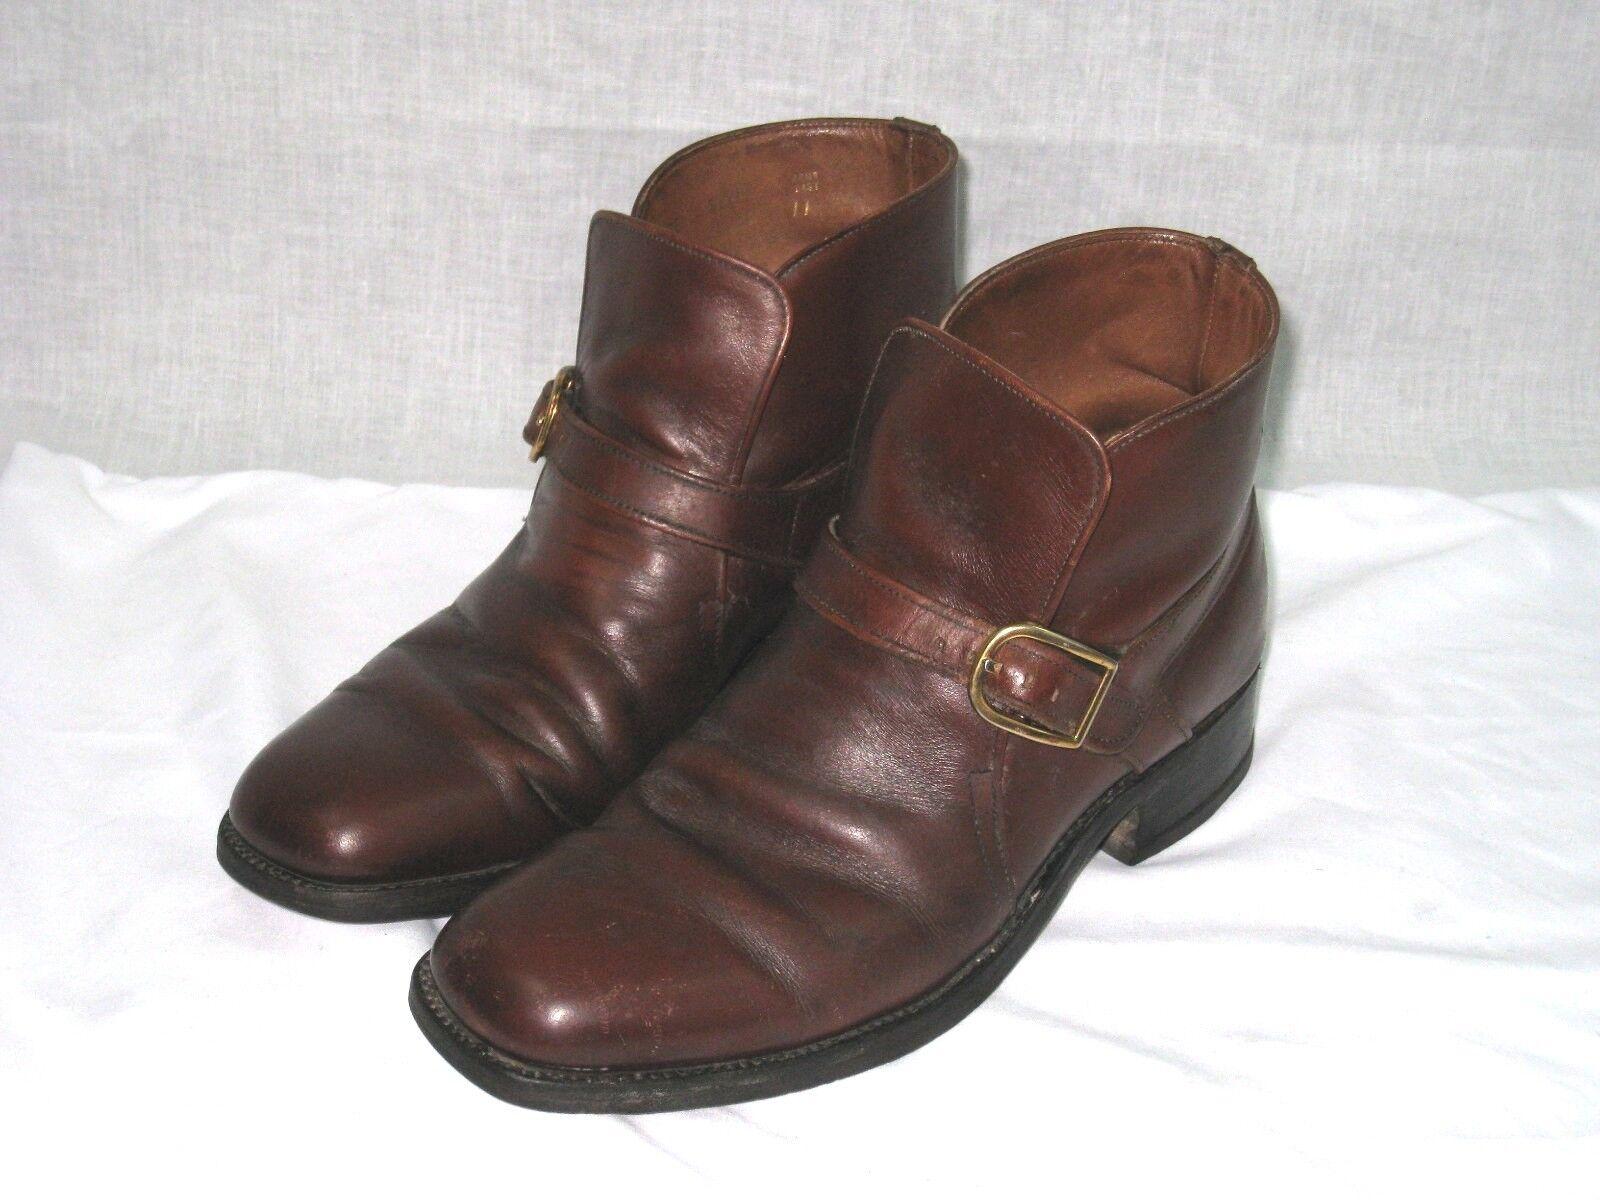 66933d263ce5d Men Vintage Sears Hipster steampun MONK MONK MONK Buckle Ankle Boots 7.5D  3a3ce5